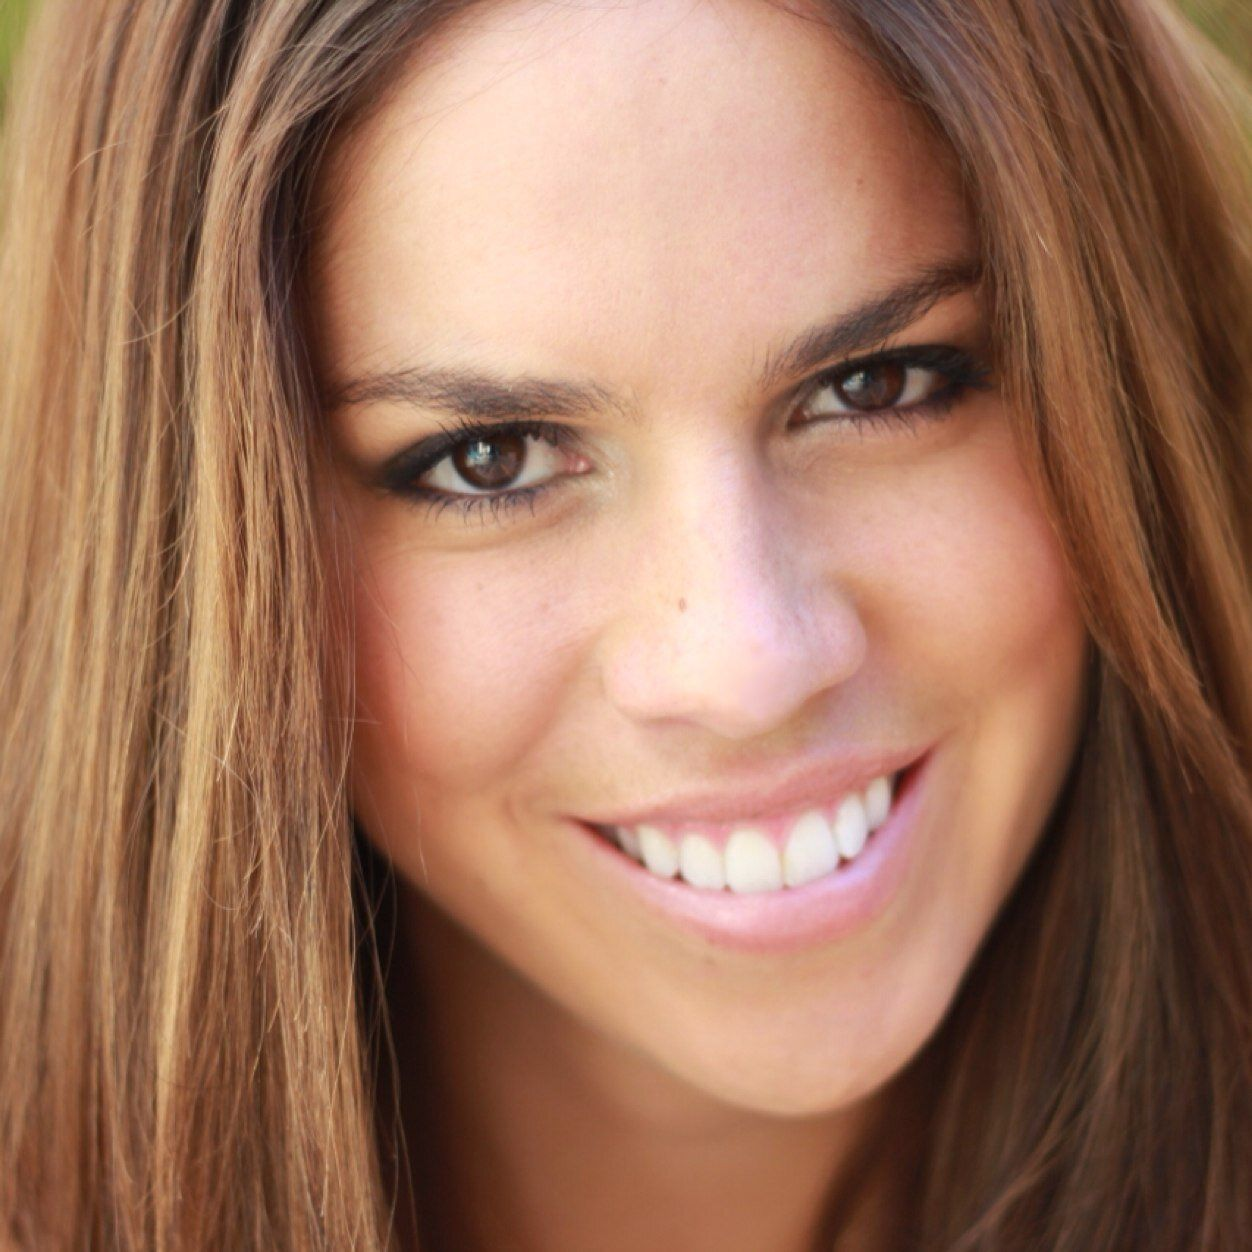 Larissa White